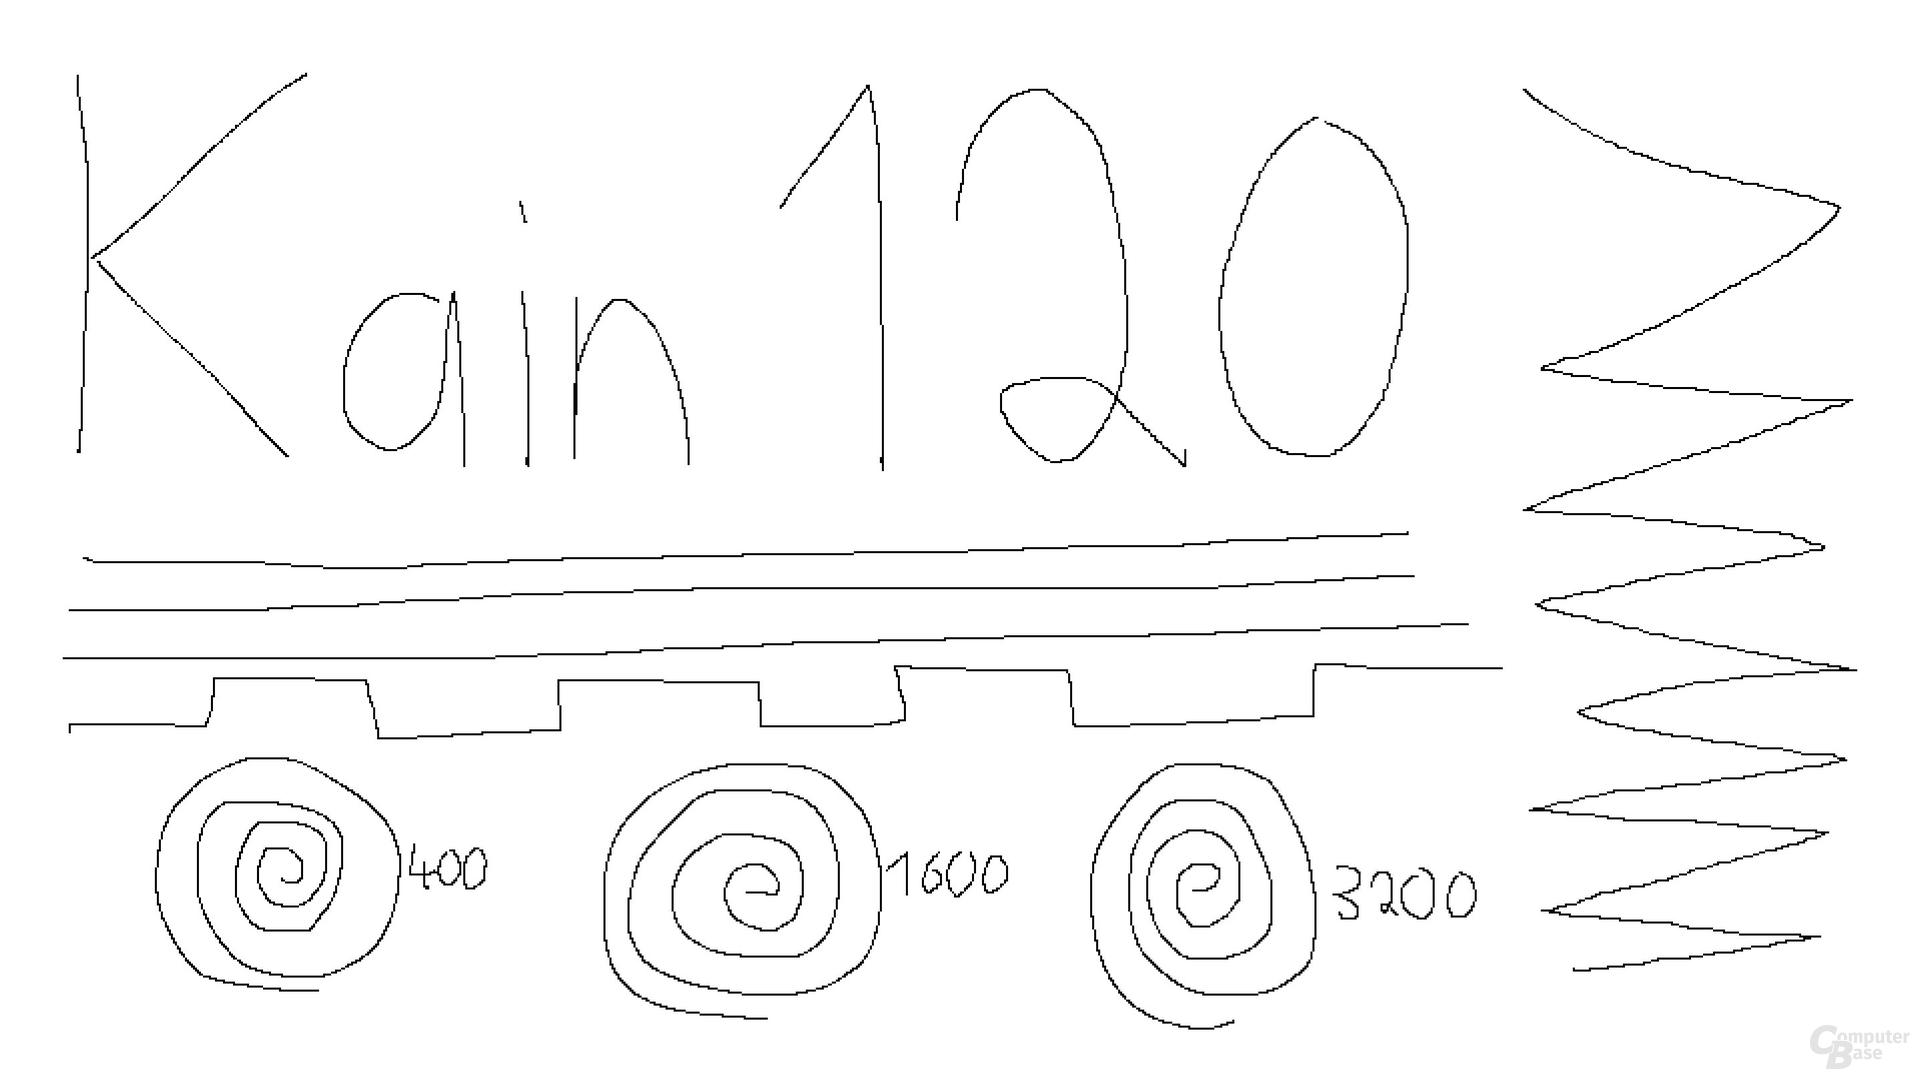 Roccat Kain 120 Aimo (1.000 Hertz, Mikrofaseruntergrund)